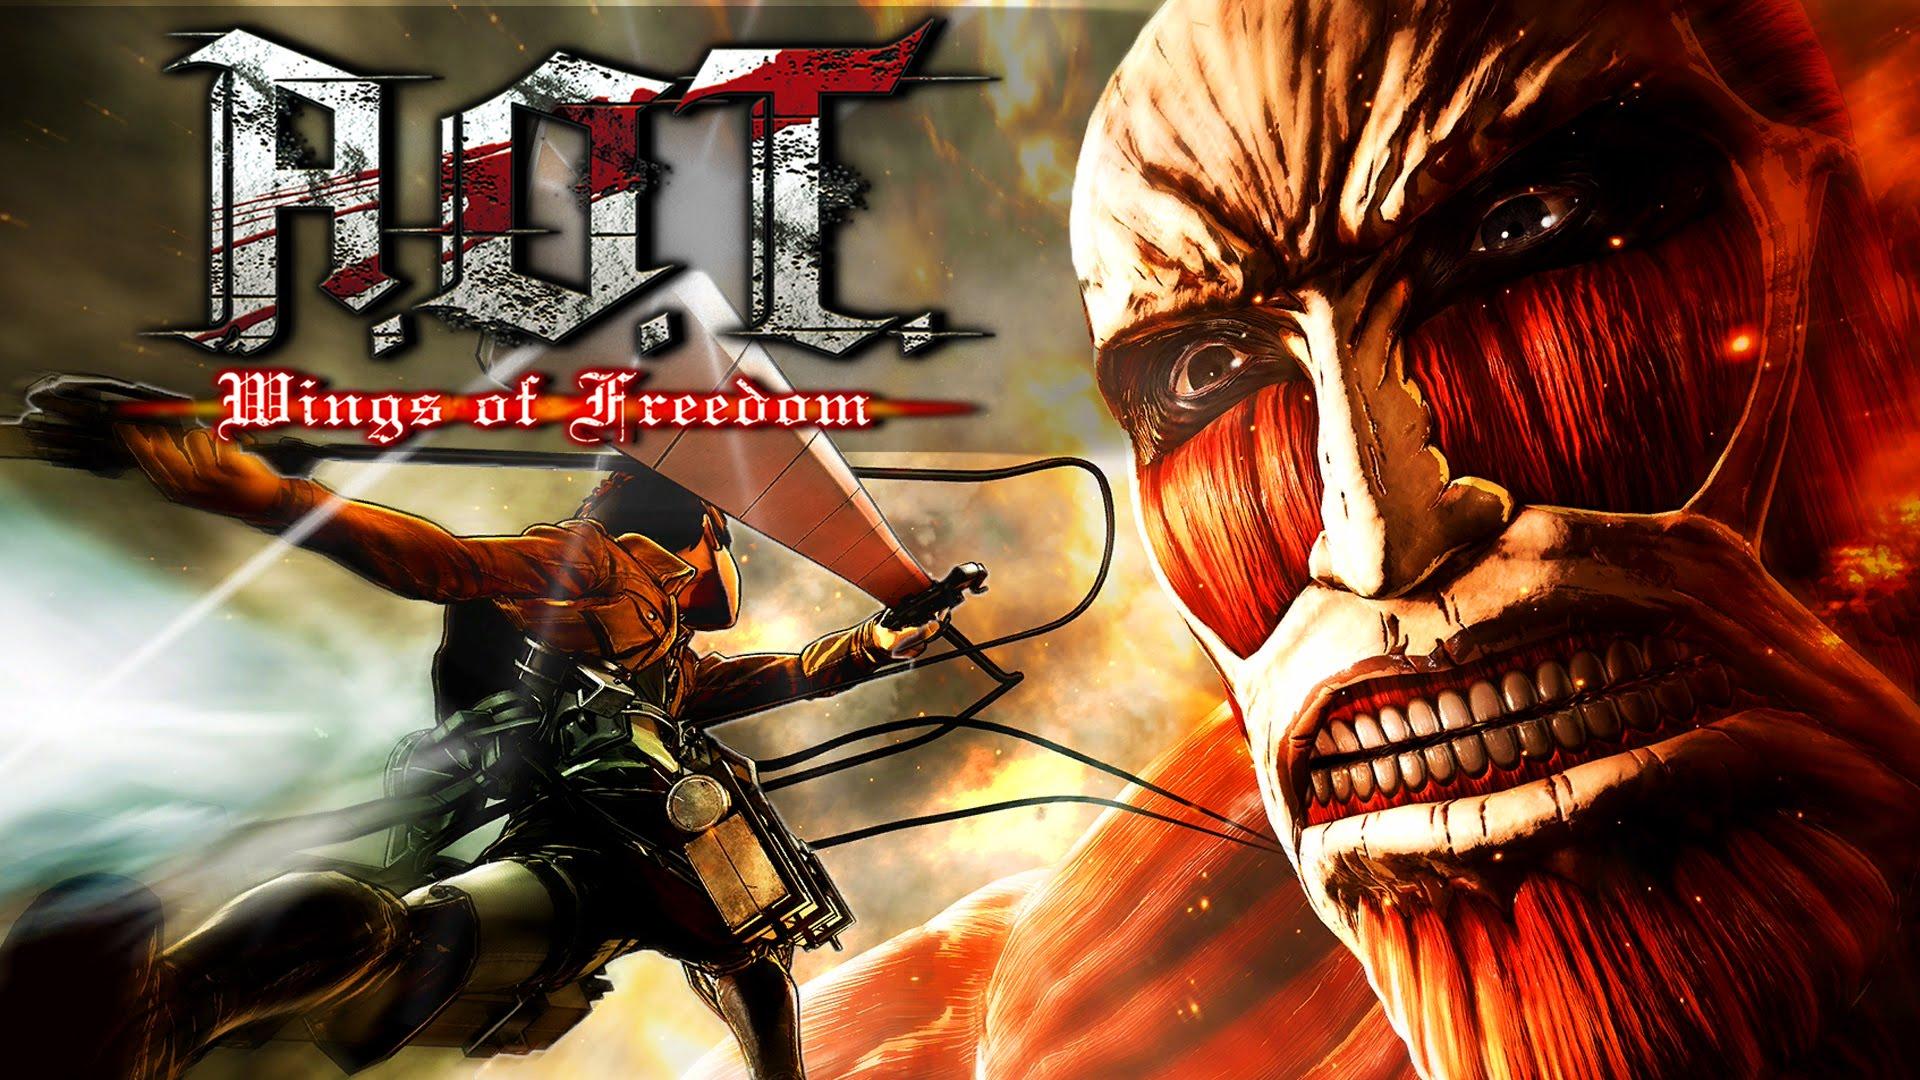 Пост-прохождение Attack of Titan: Wings of Freedom Часть 4 - Изображение 1